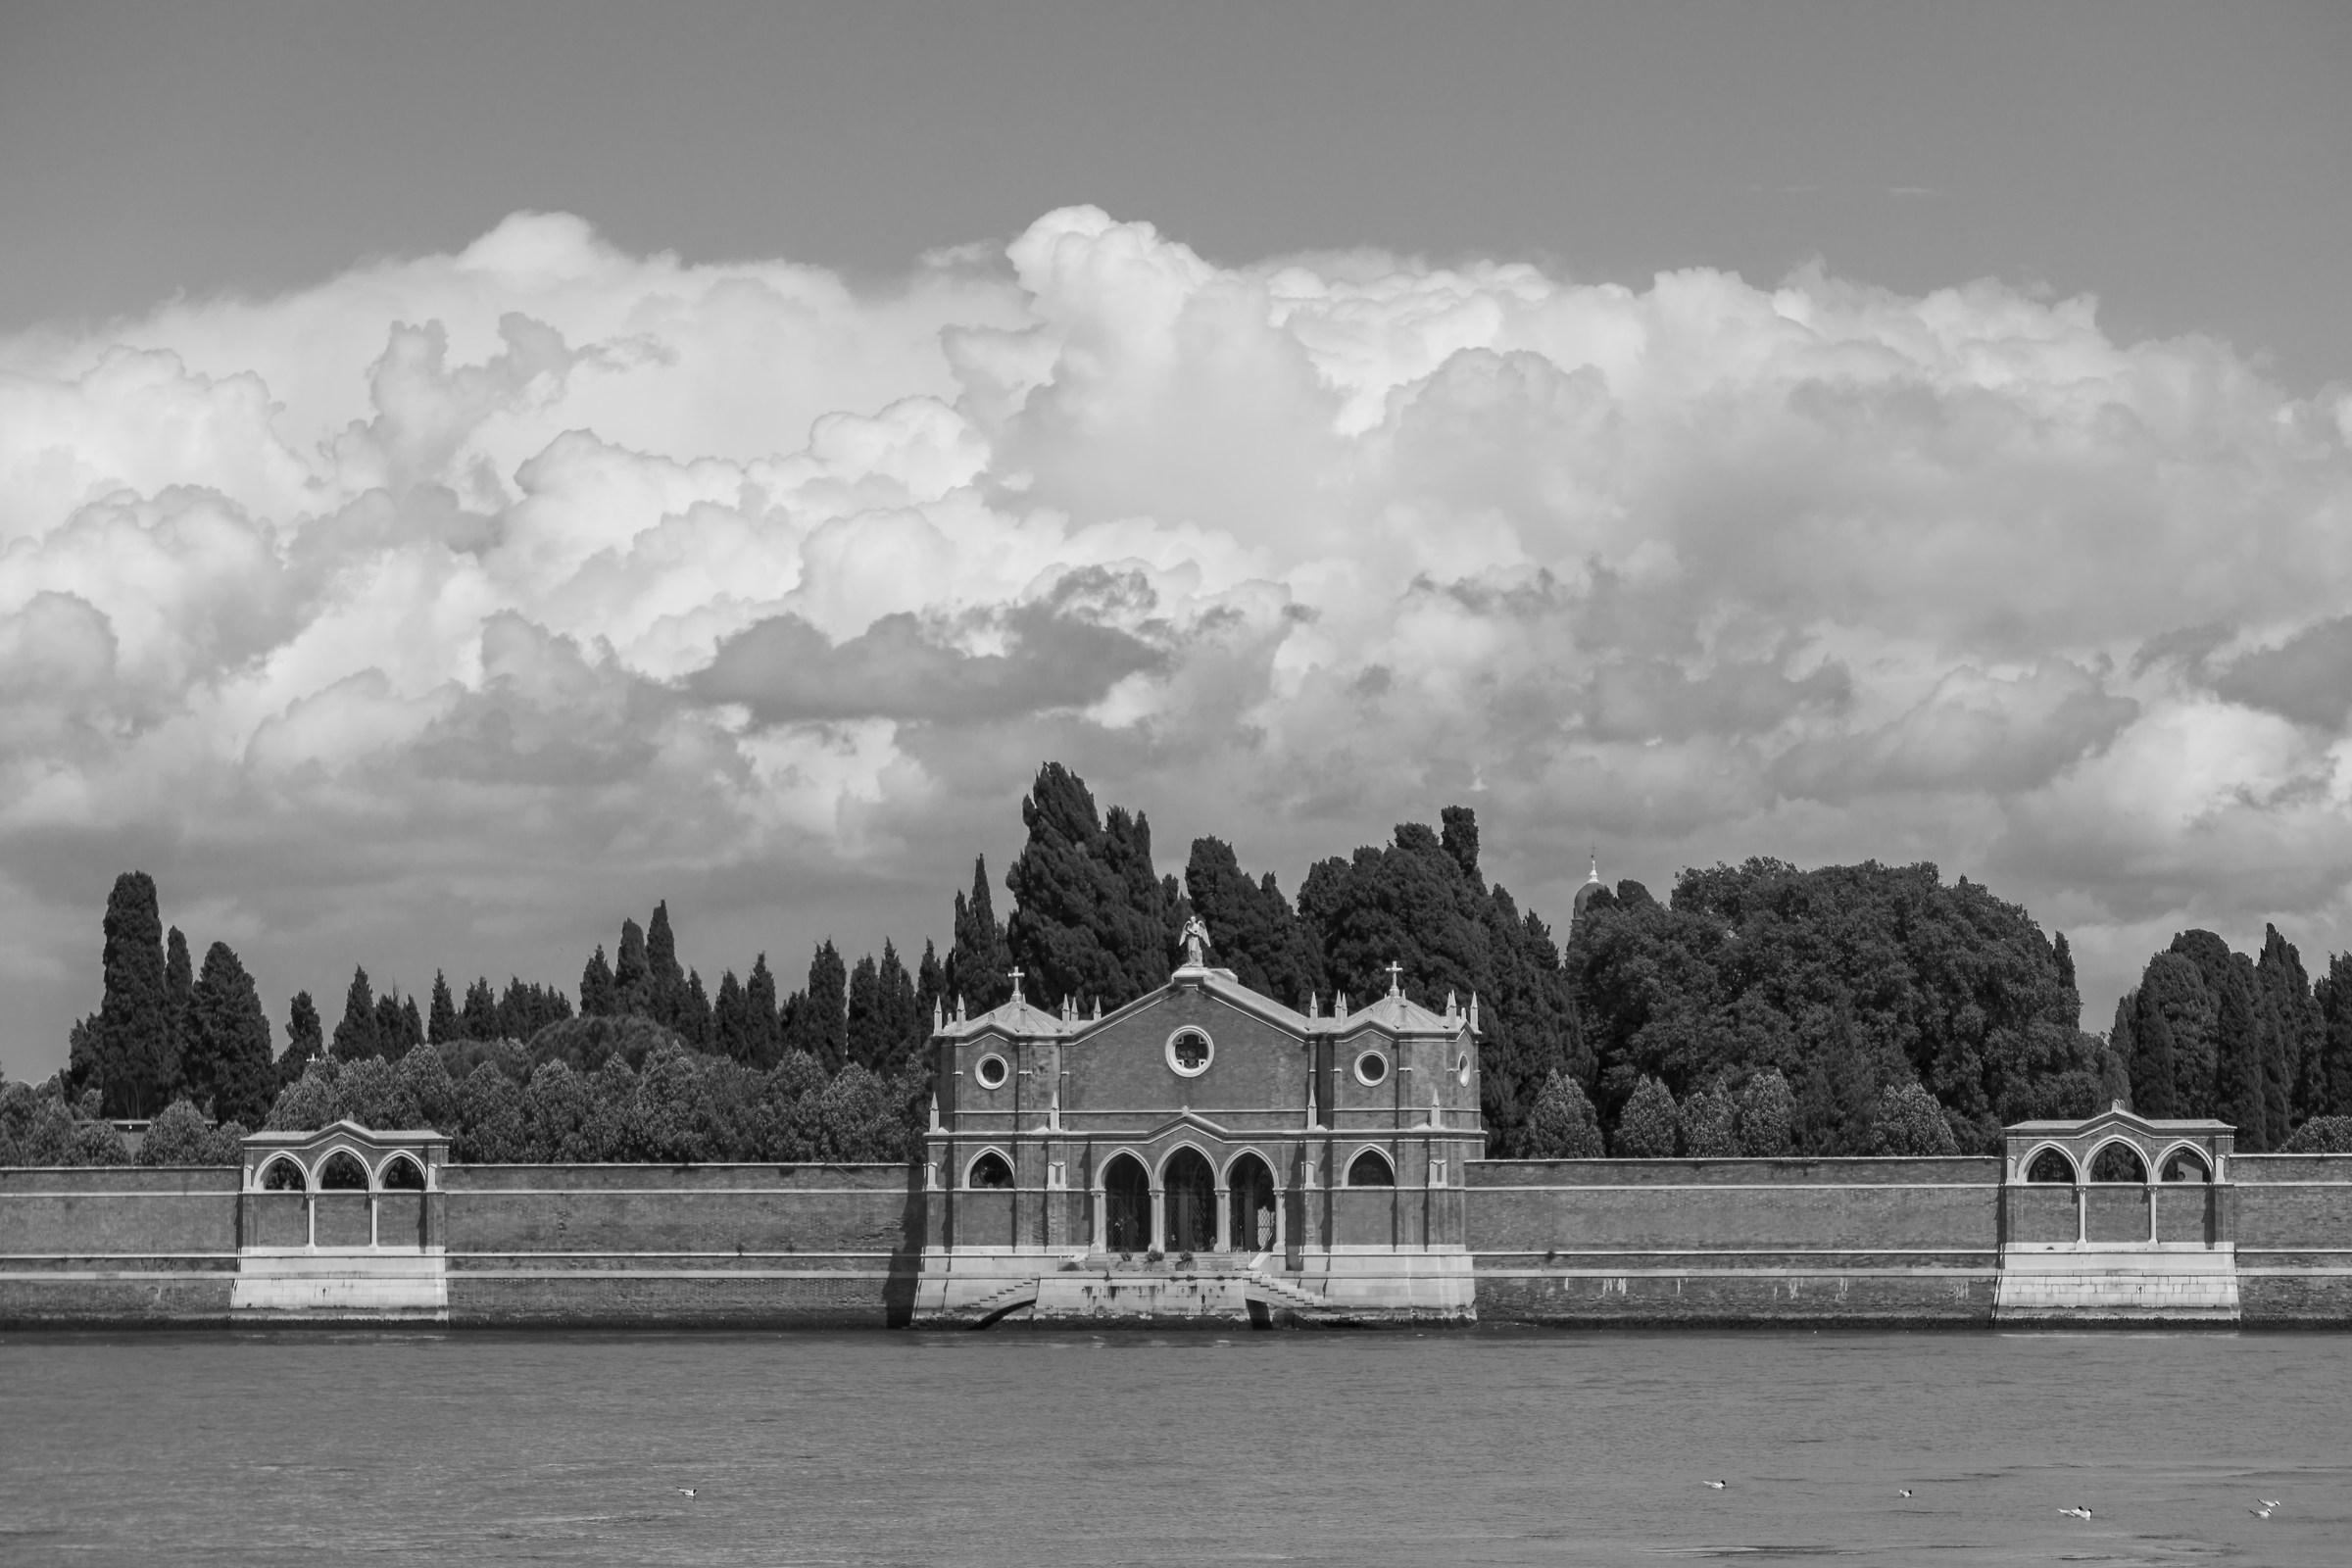 Isola di San Michele dalle Fondamenta Nuove - 1...